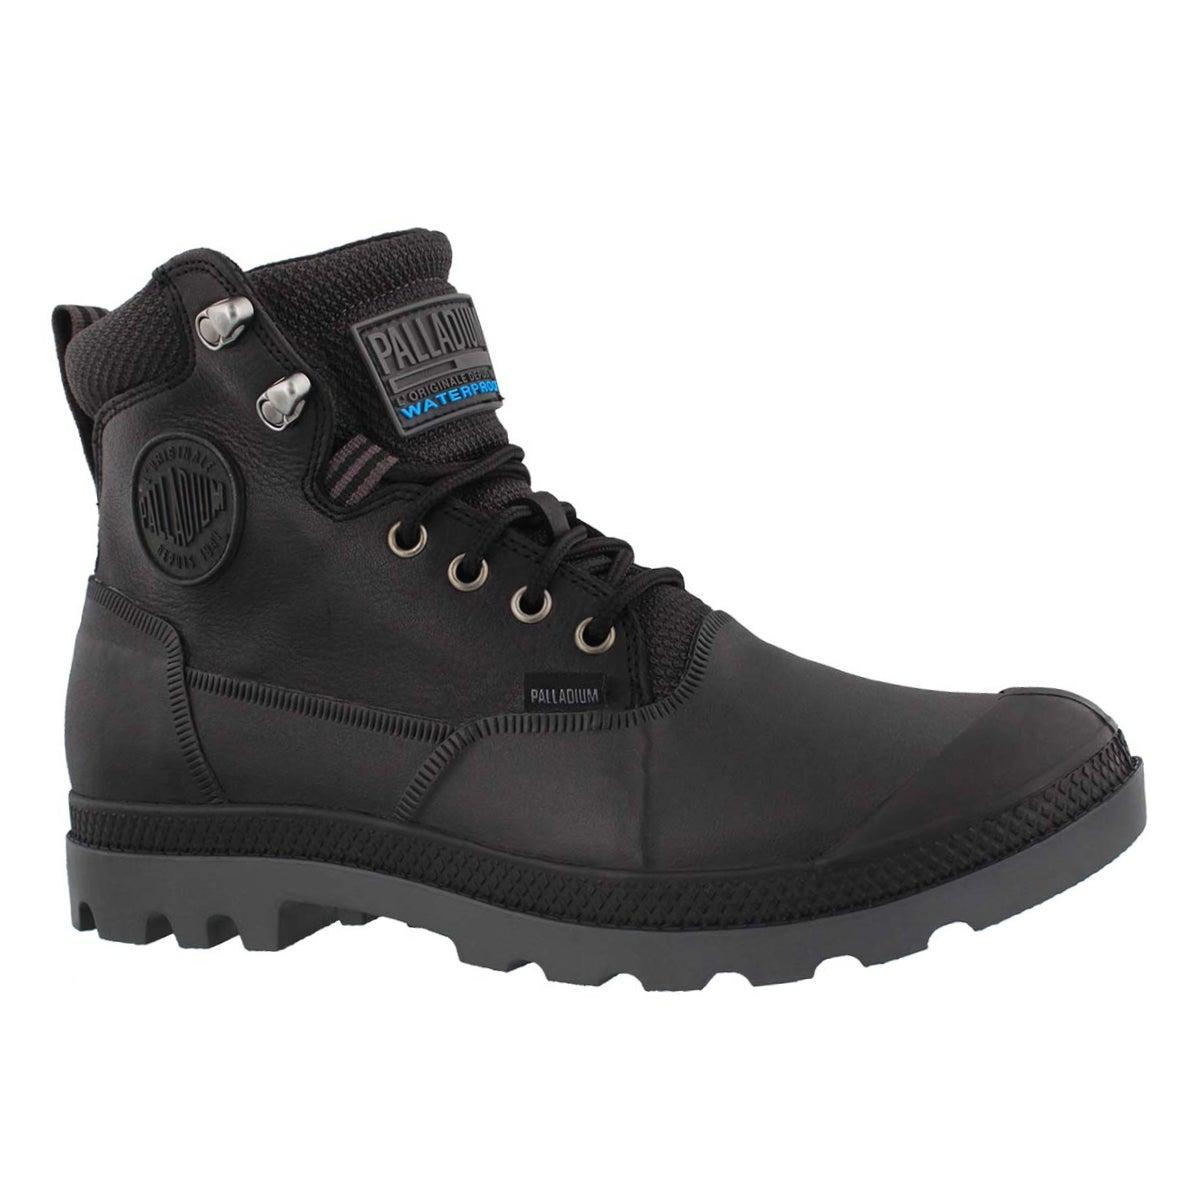 Men's SPORT CUFF 2.0 waterproof blk ankle boots